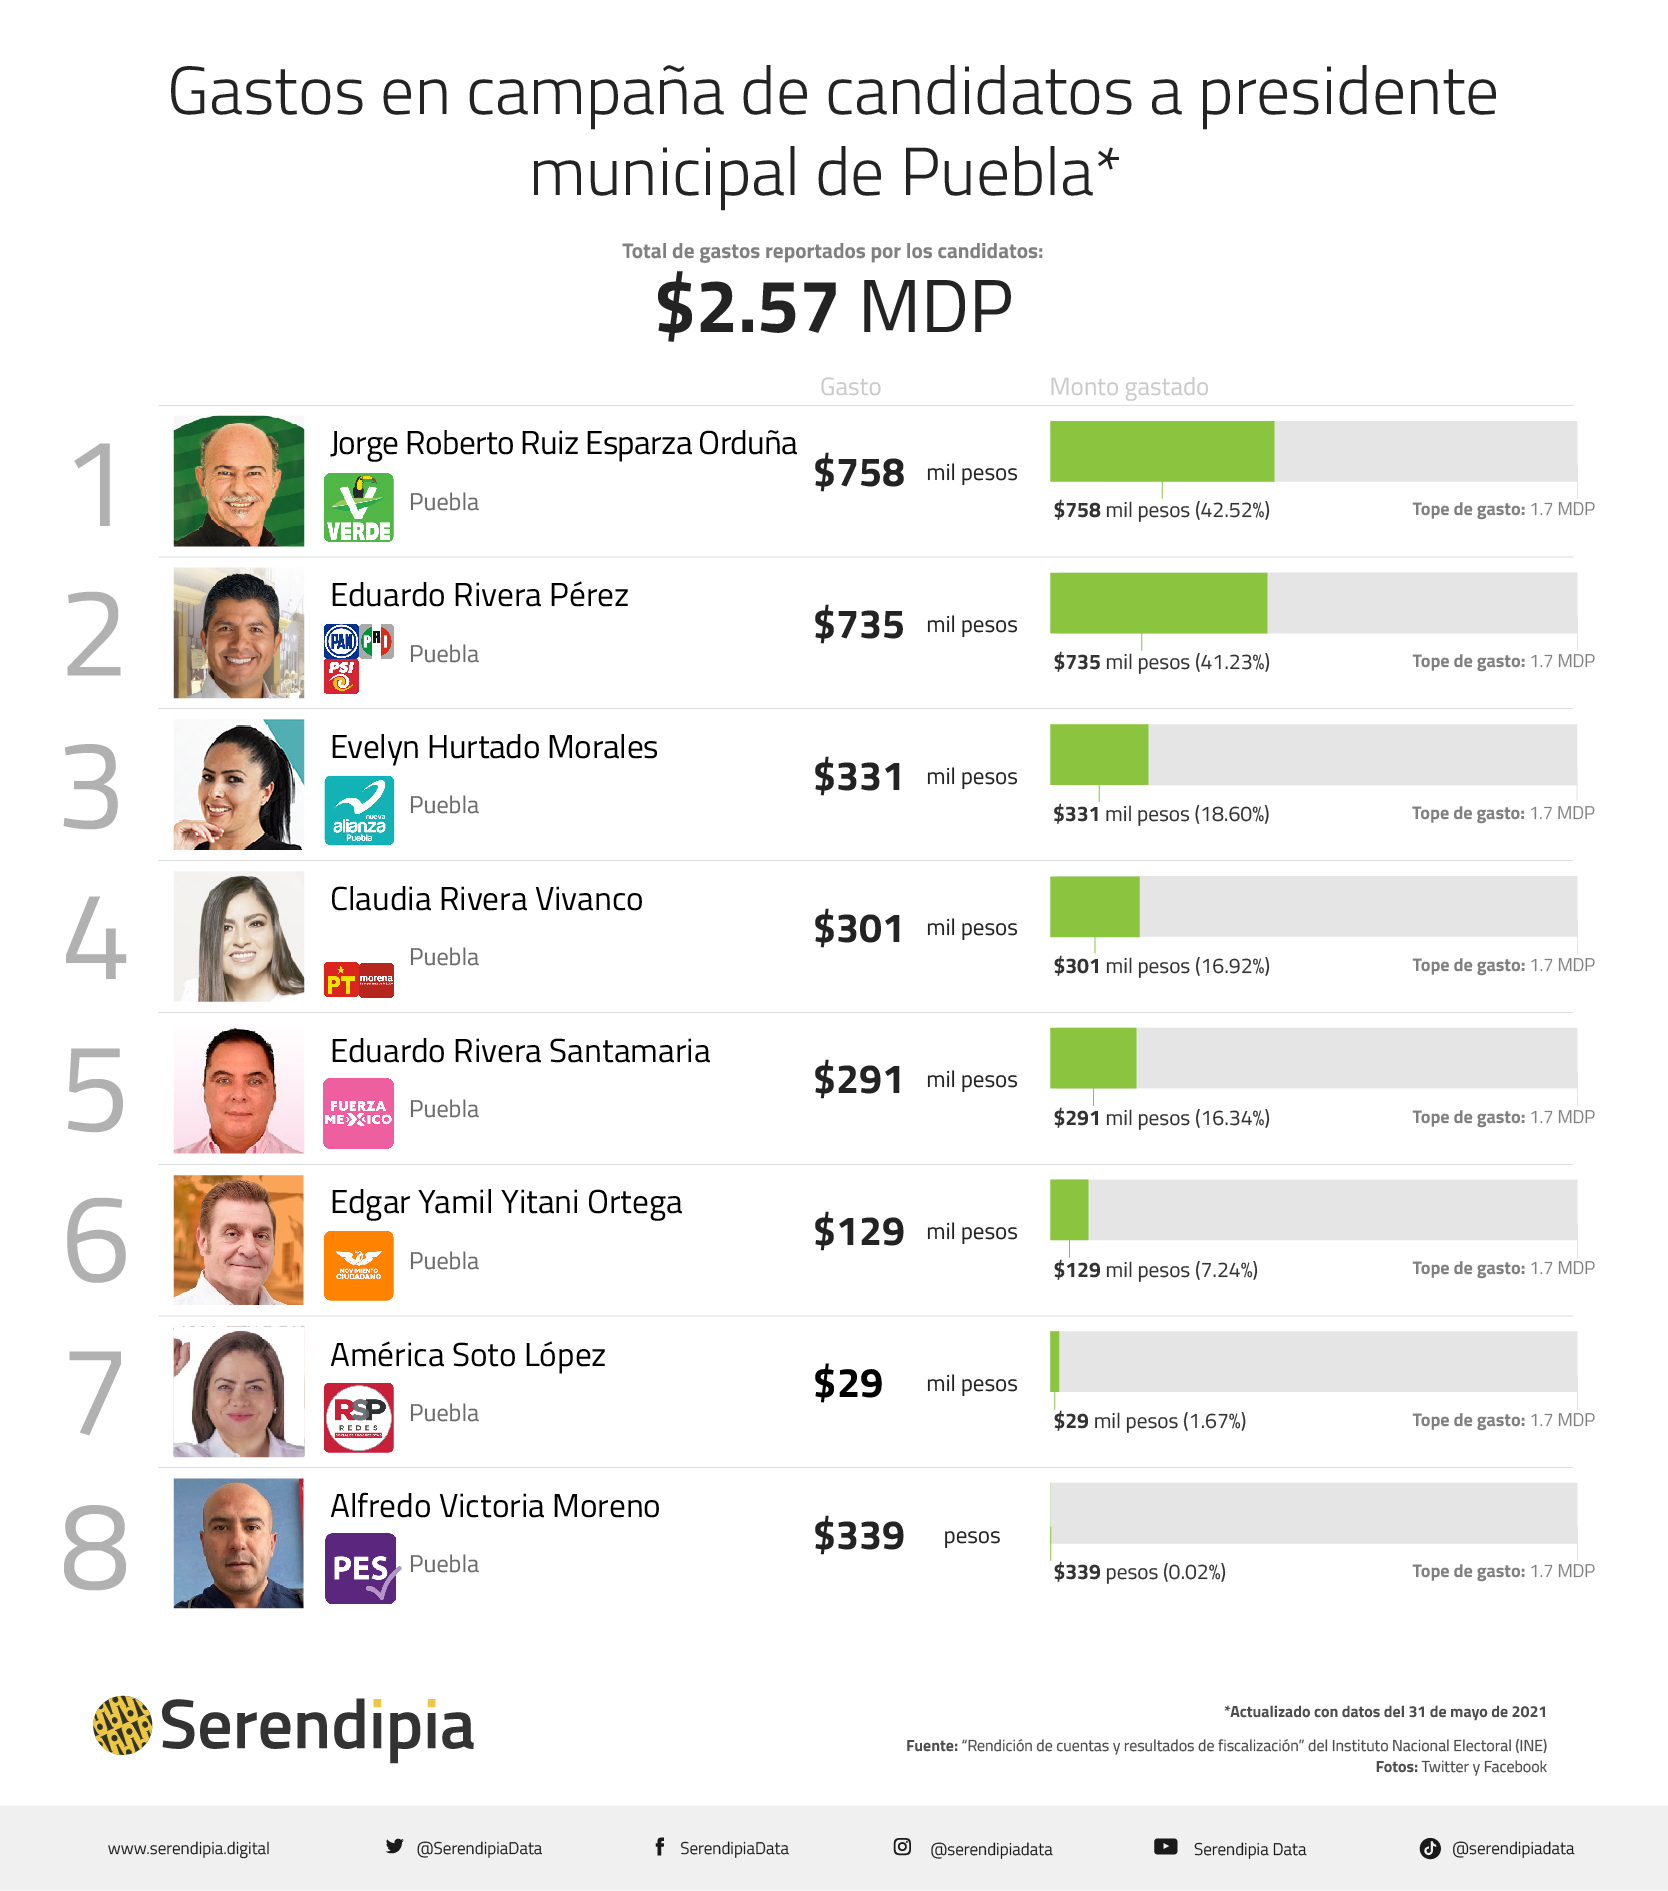 gastos en campaña de candidatos a la presidencia municipal de puebla